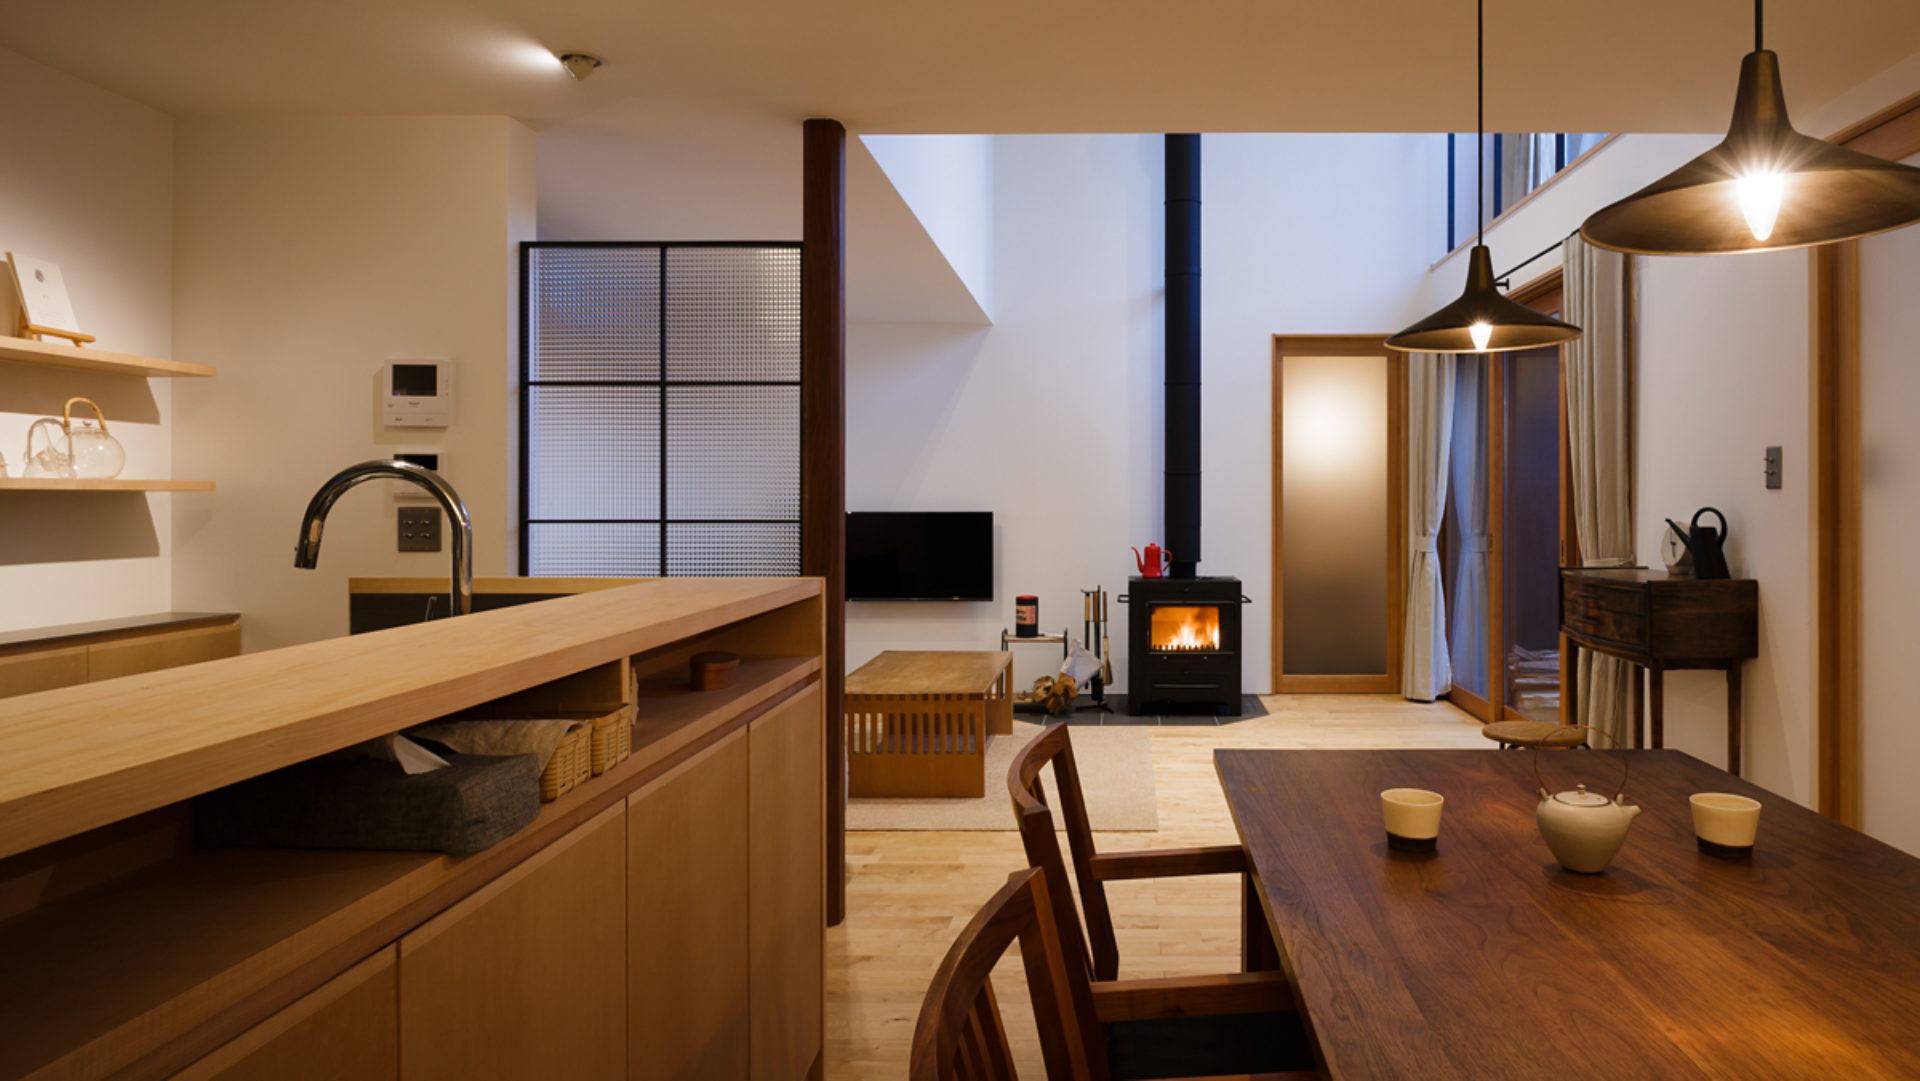 岡山 倉敷市の住宅とOMソーラーの建築設計  FOMES design建築デザイン事務所